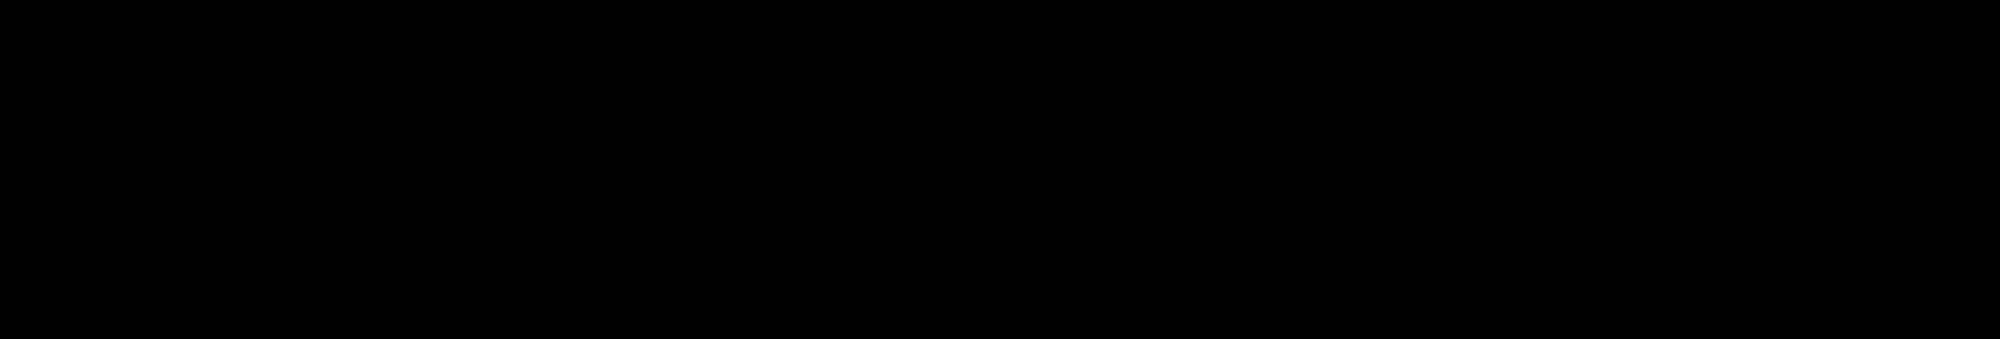 カメイズミマナブ ノ メモチョウ